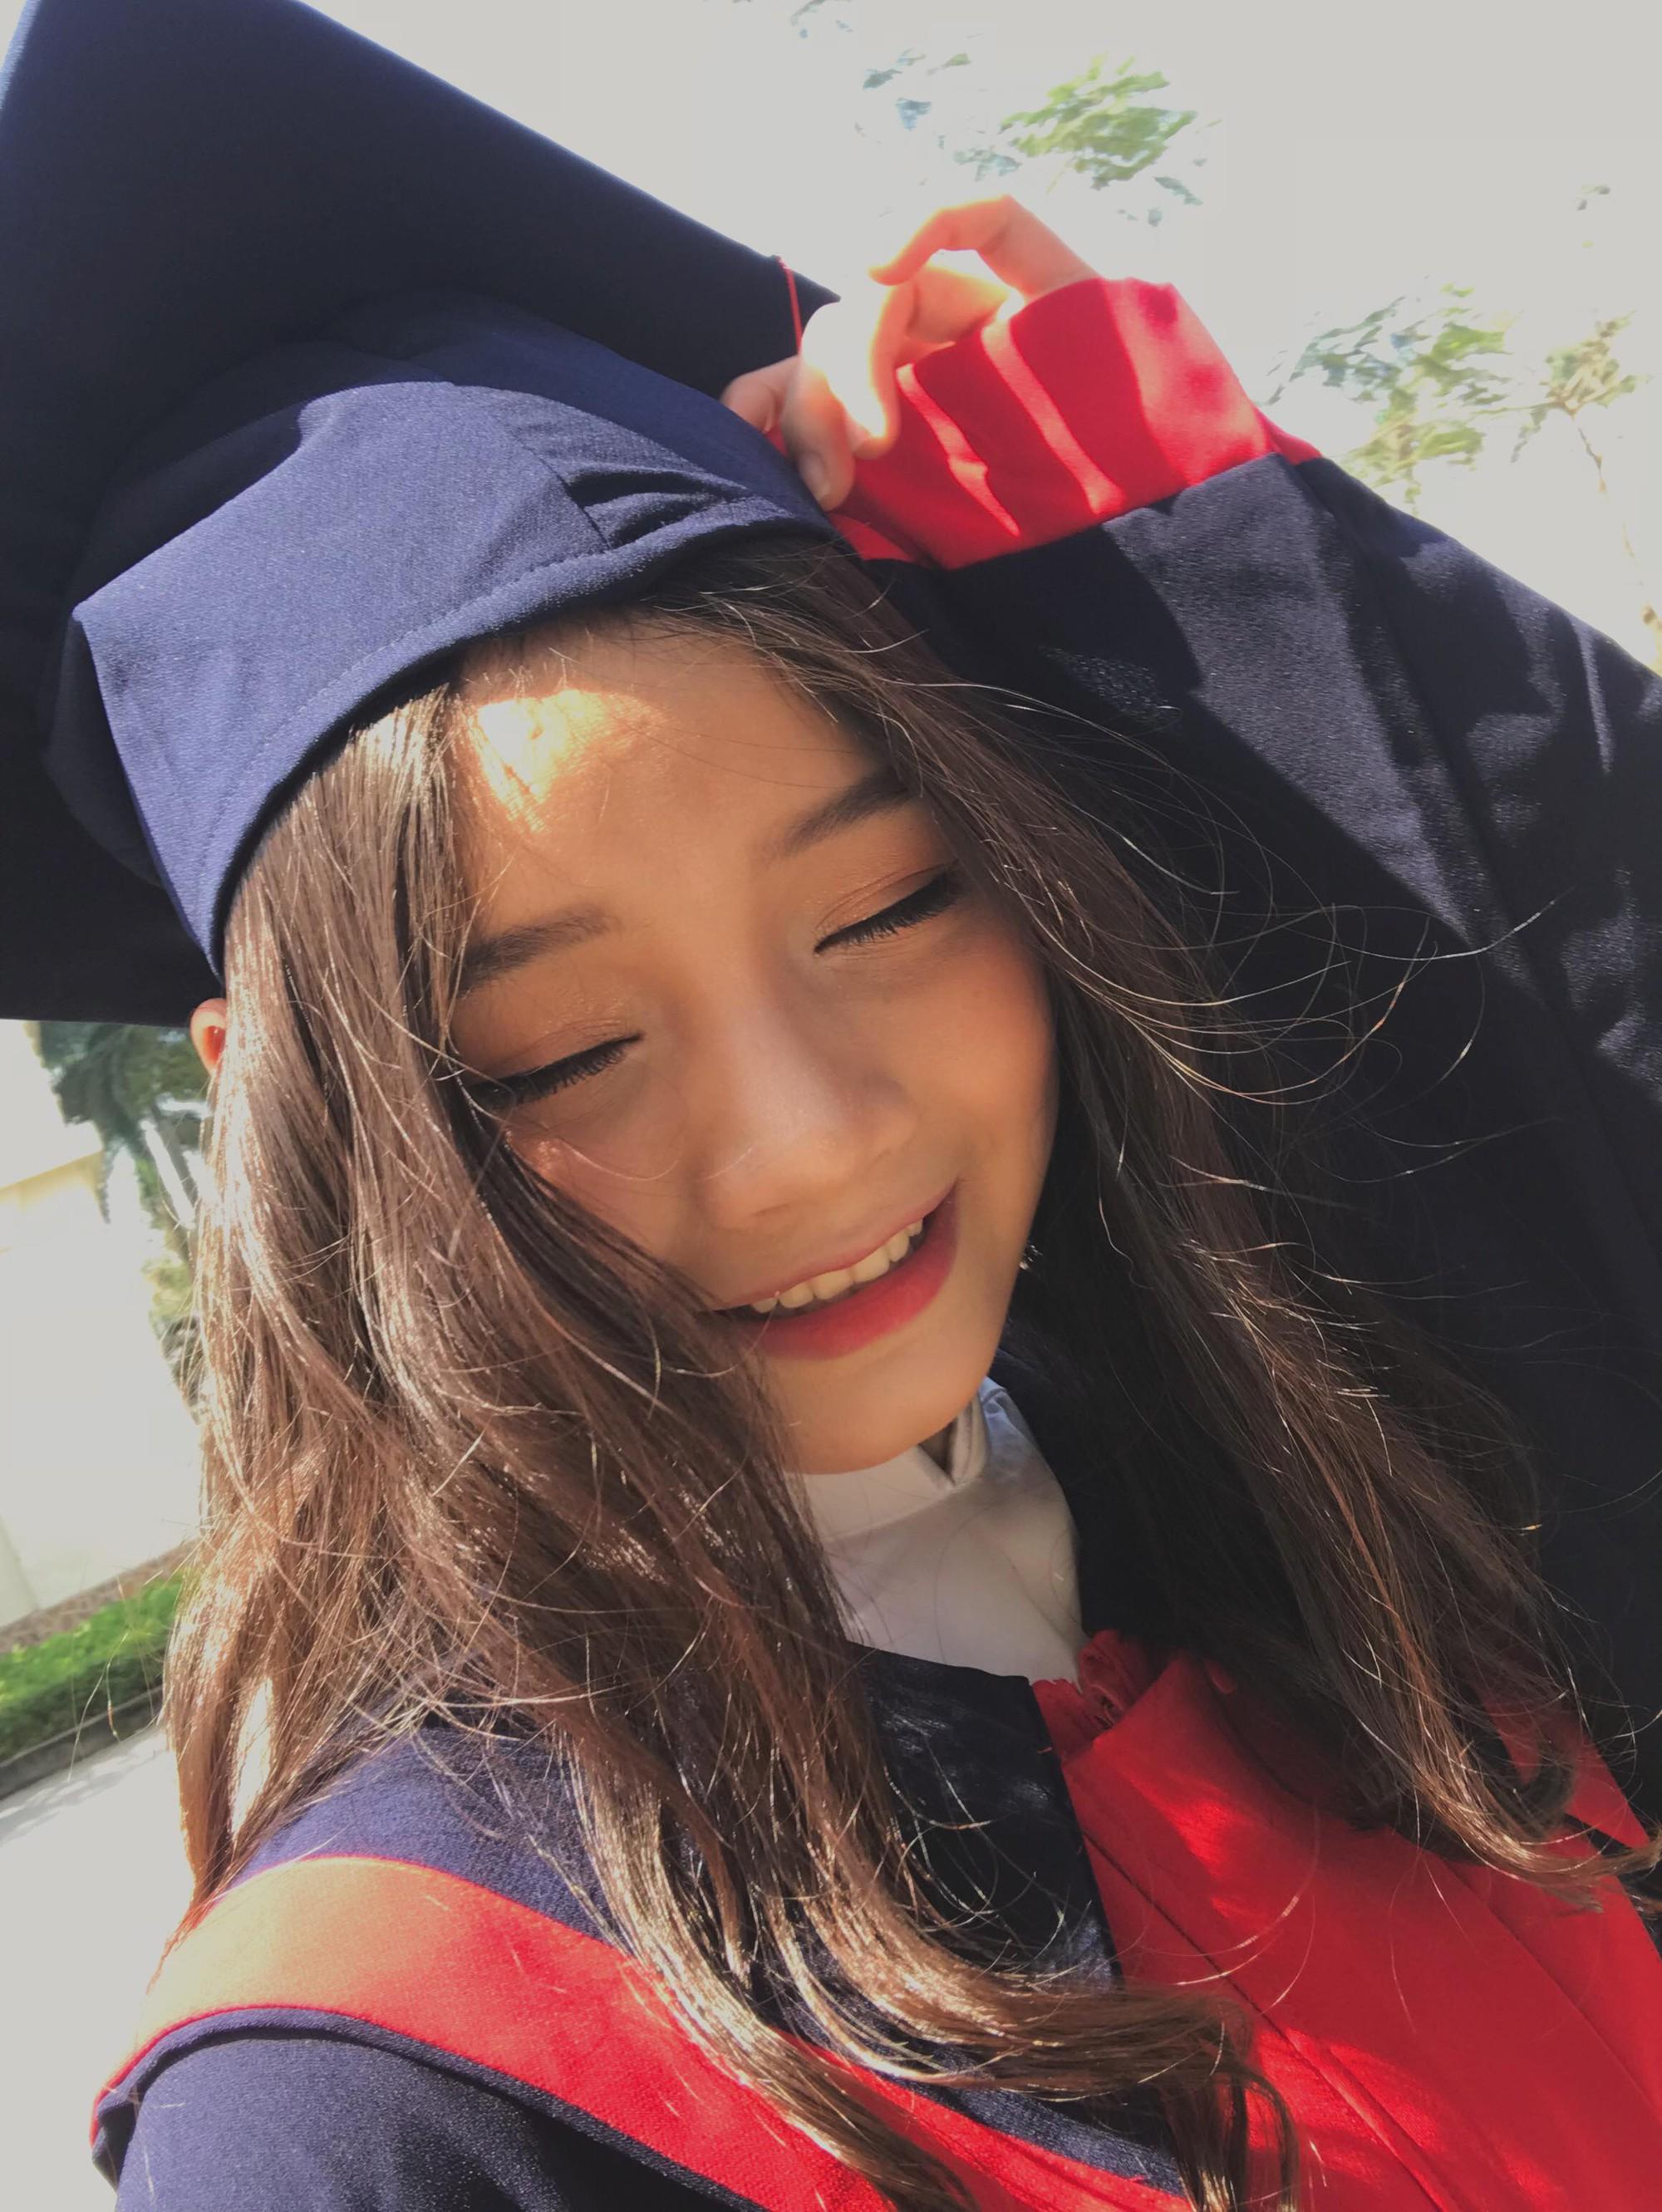 Cô bạn Hà Tĩnh nhận học bổng du học 13 trường tại Mỹ: Bất cứ ngành nghề gì đàn ông làm được thì phụ nữ cũng có thể! - Ảnh 3.